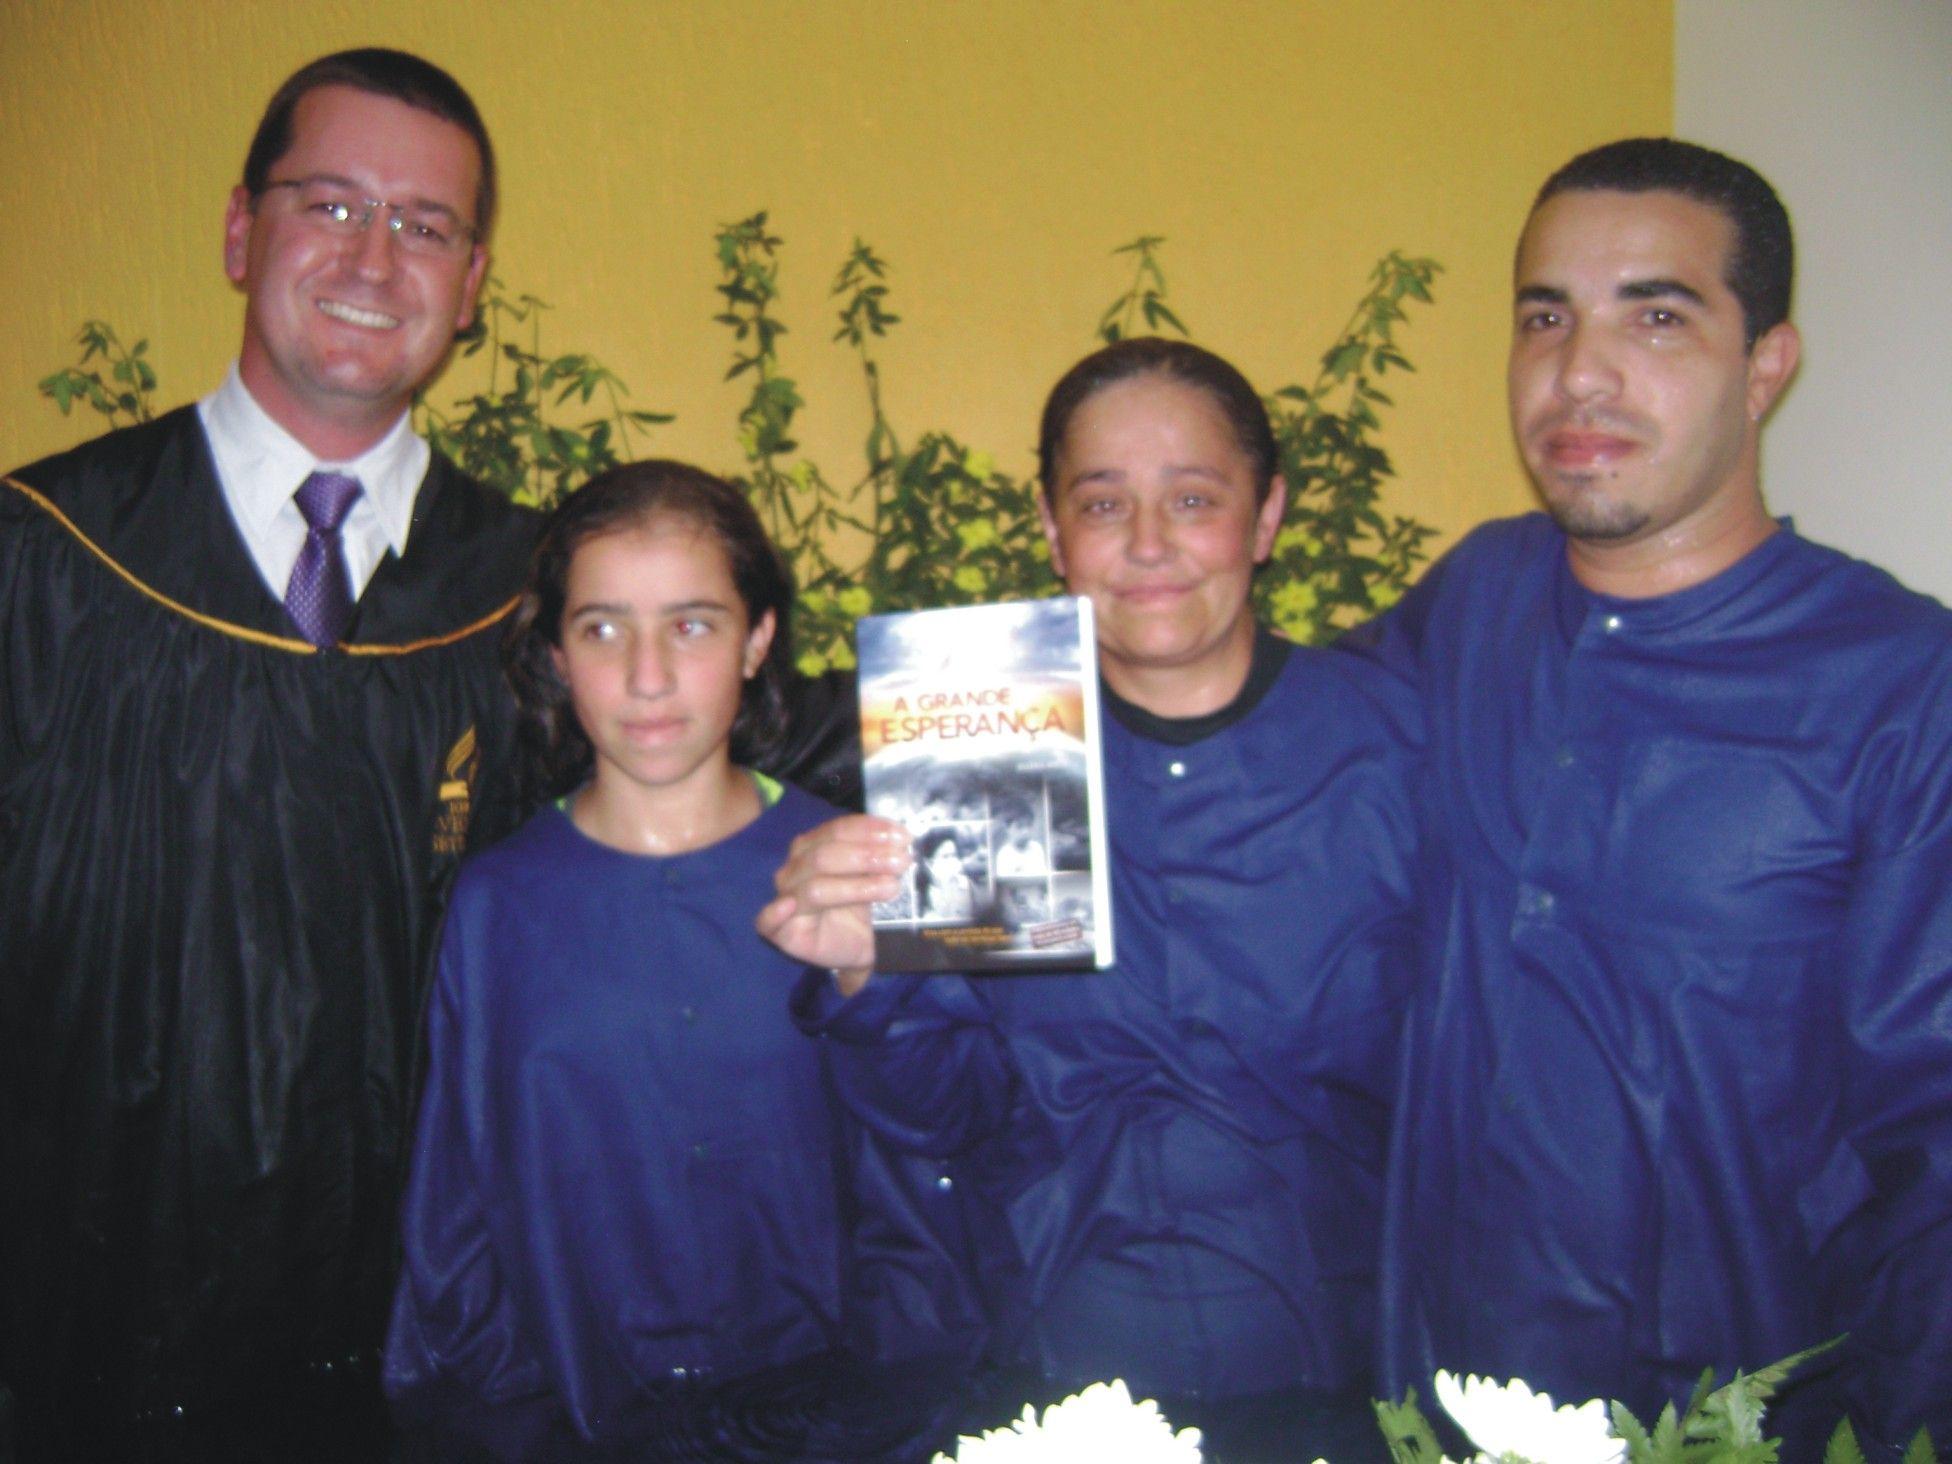 À beira da separação, o casal encontrou nova vida com a leitura do livro. Ambos foram batizados